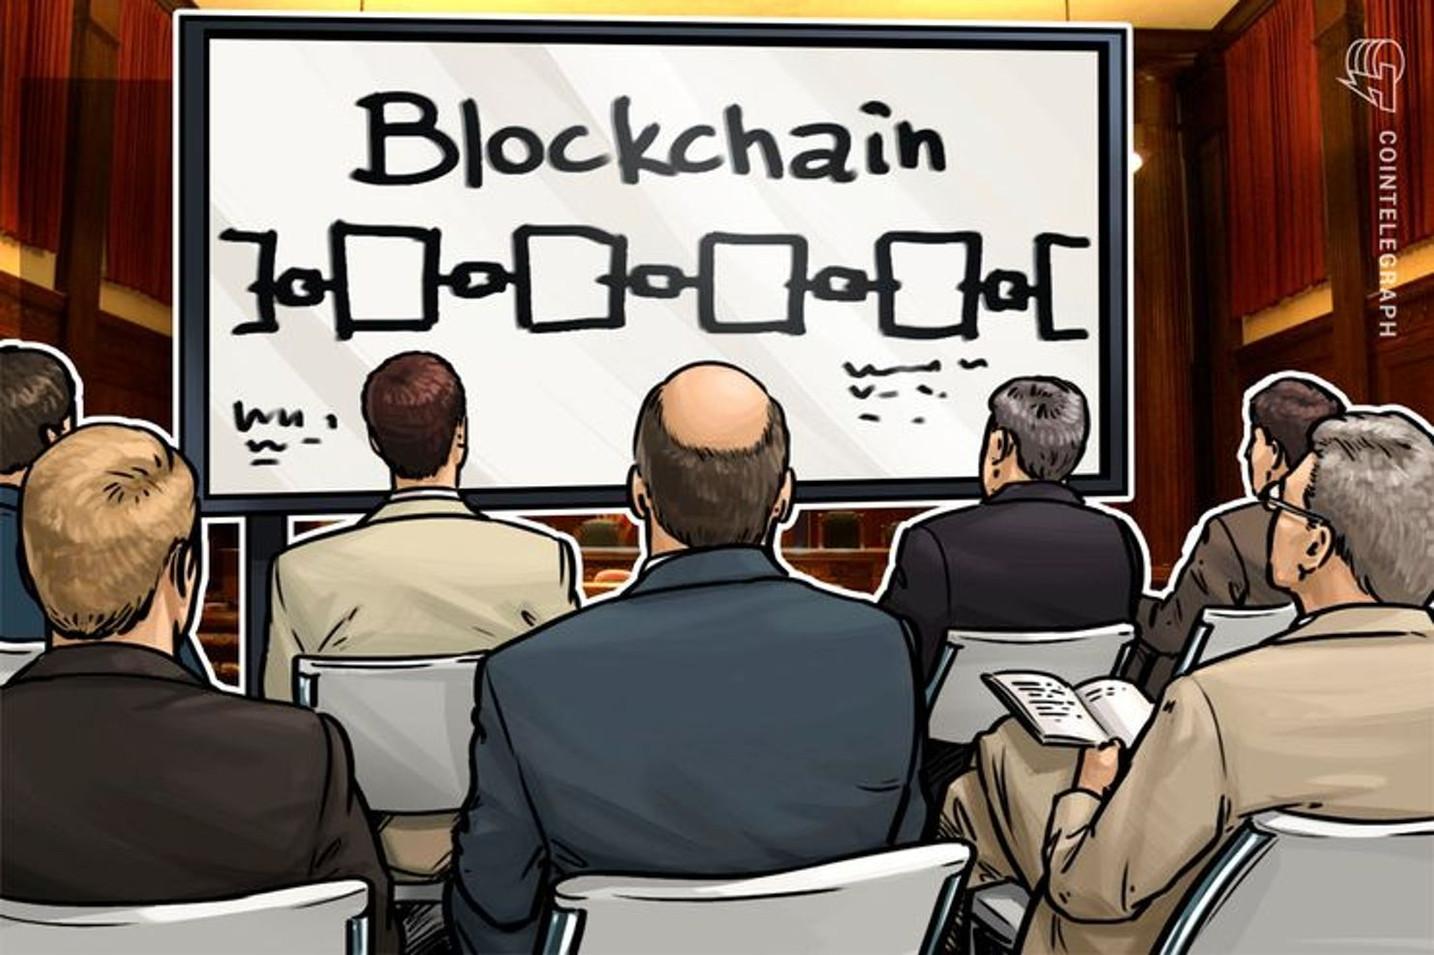 España: VI Edición del Congreso Internacional Blockchain se celebrará en Alicante